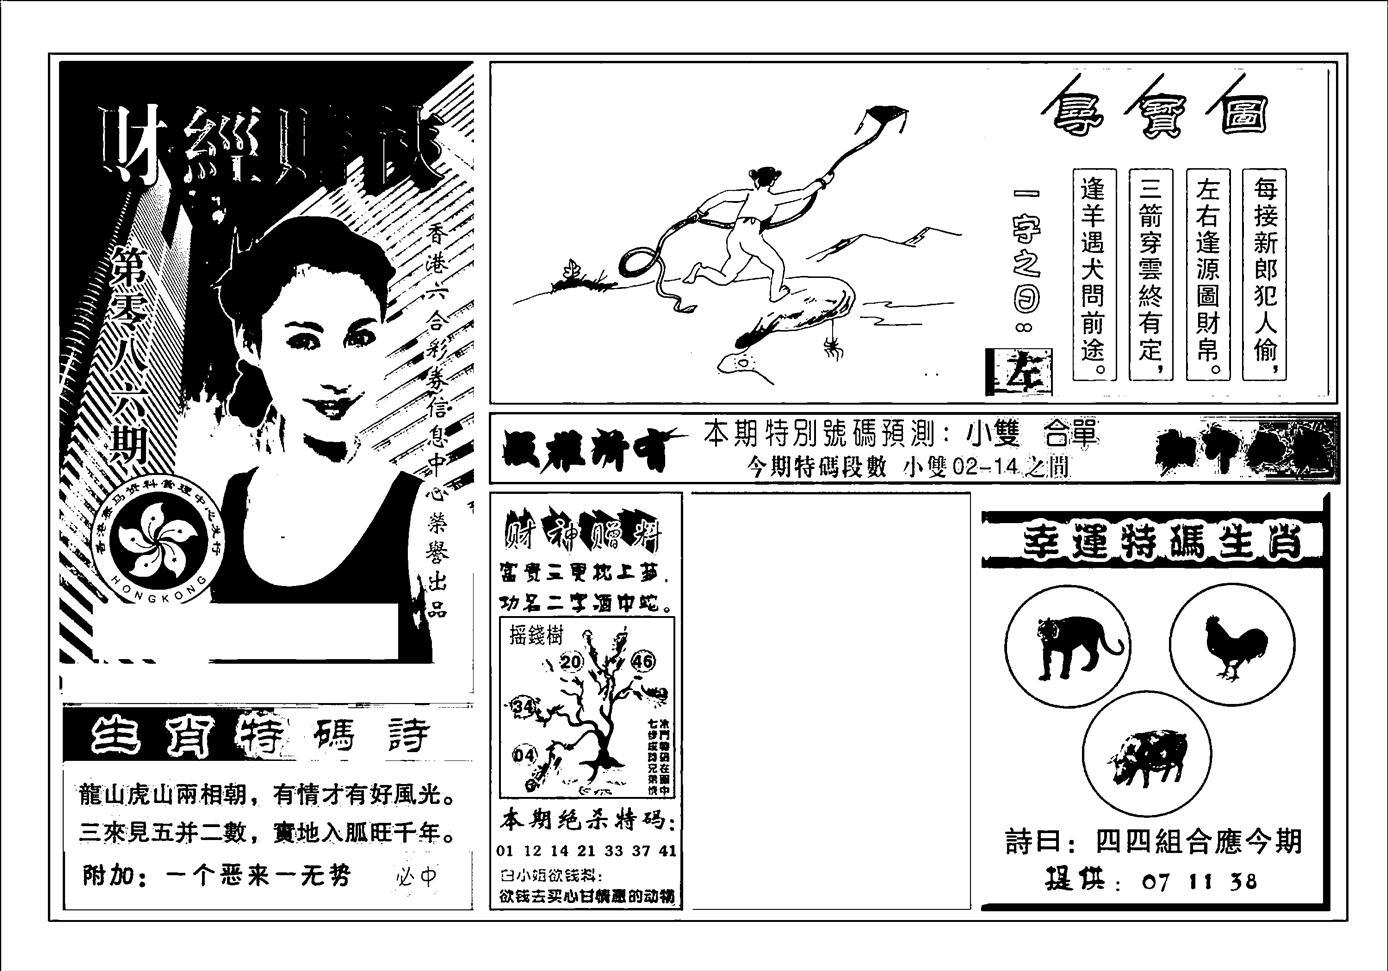 086期六合彩大三元(黑白)